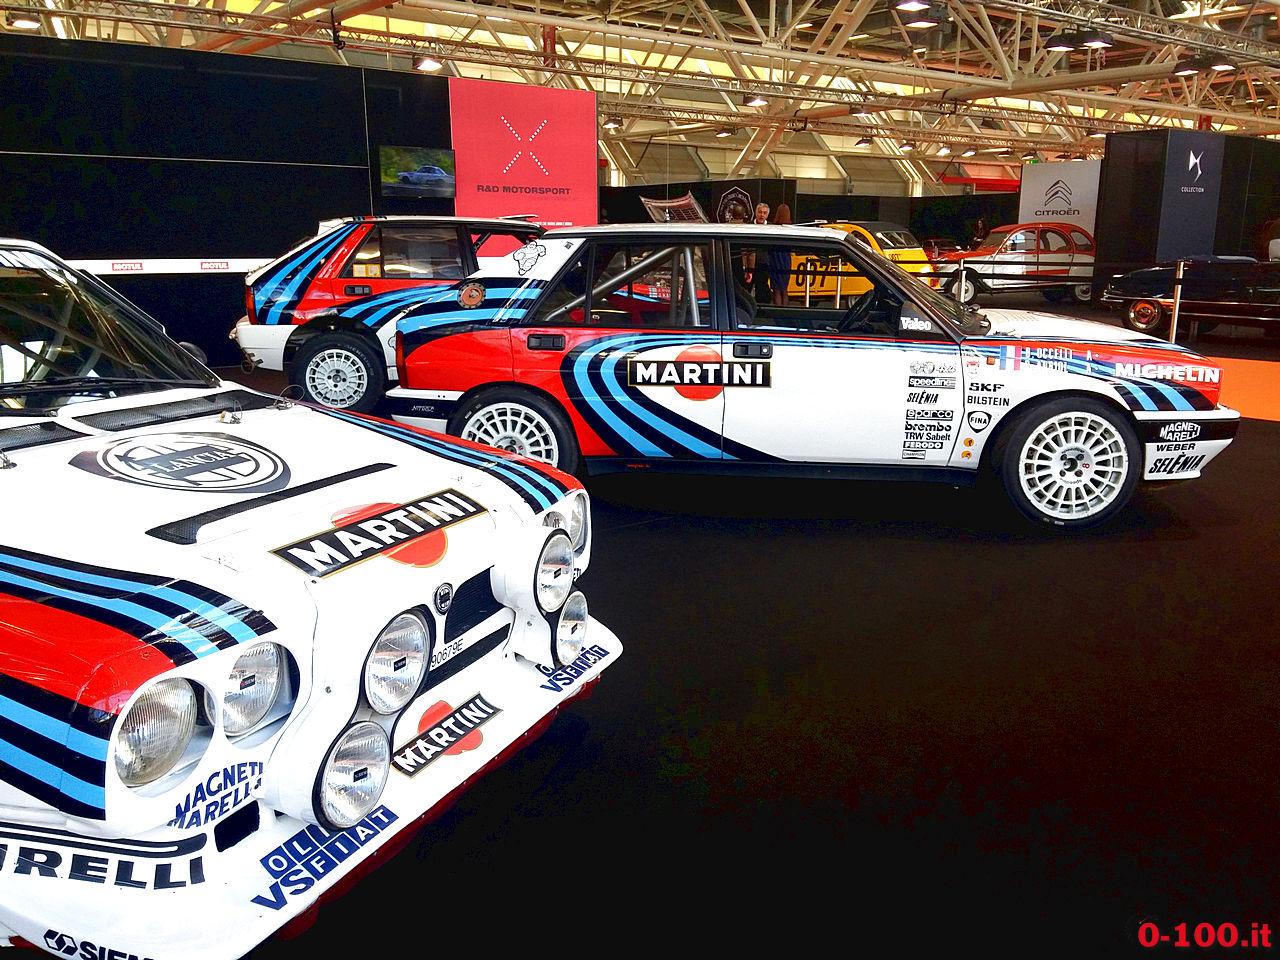 bologna-motor-show-lancia-rally-2016_0-100_2